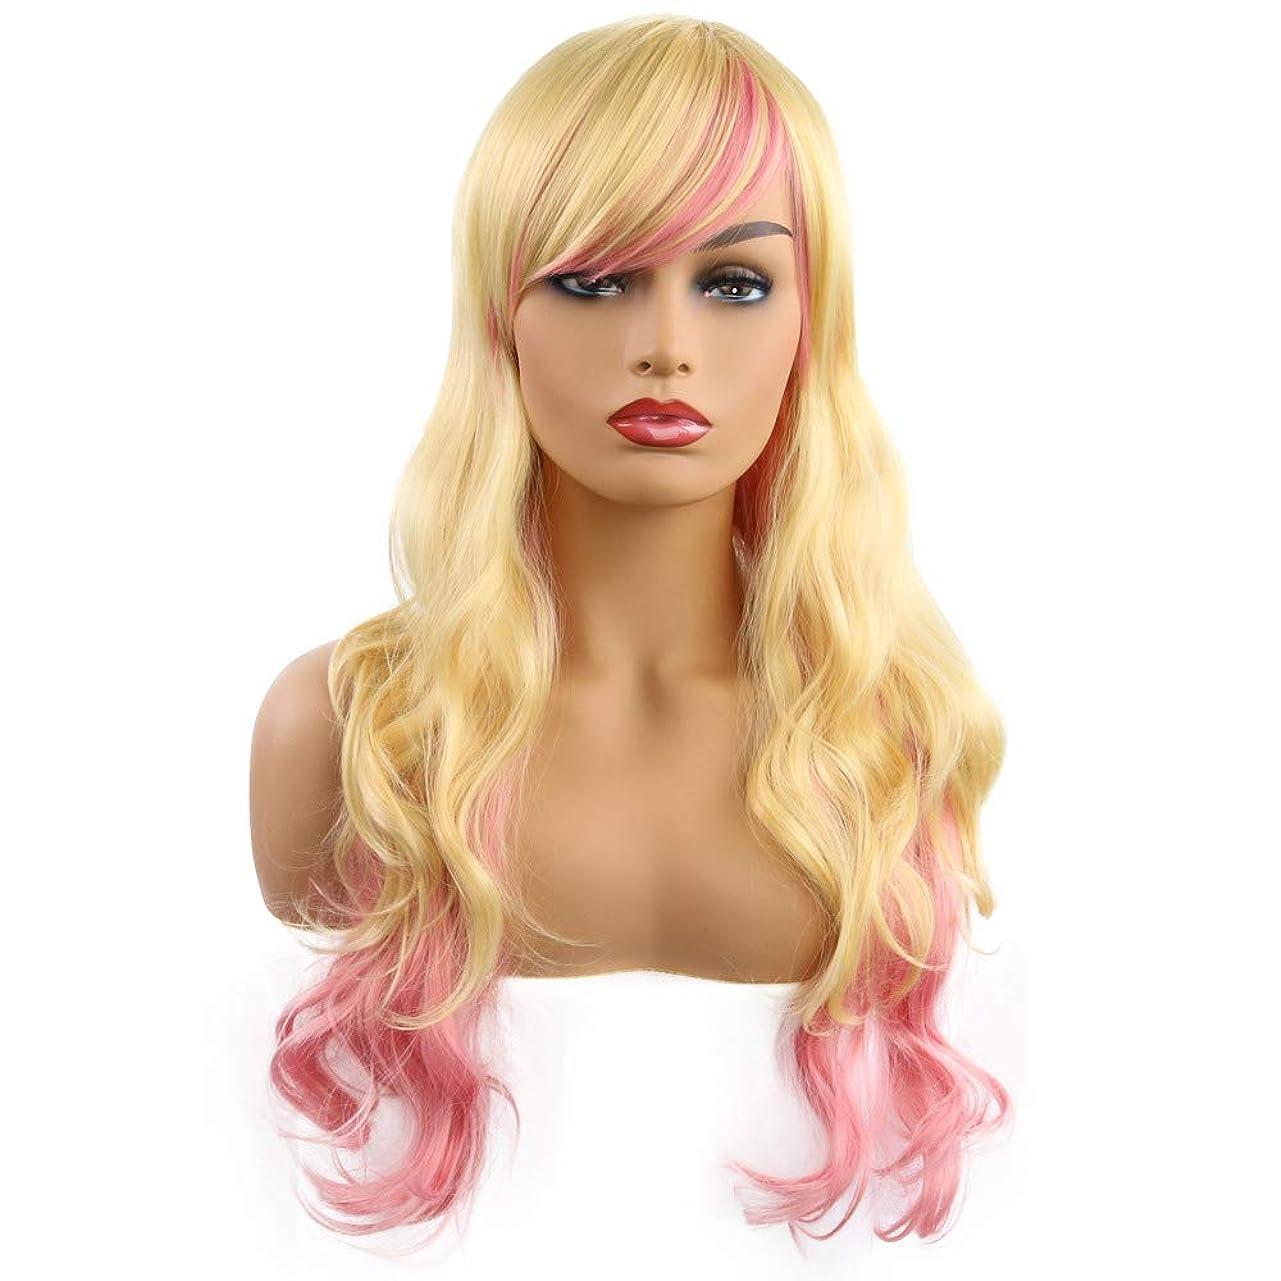 女性かつらふわふわリアルなかつら長いかつら長いかつら耐熱かつら多色グラデーション65 cm